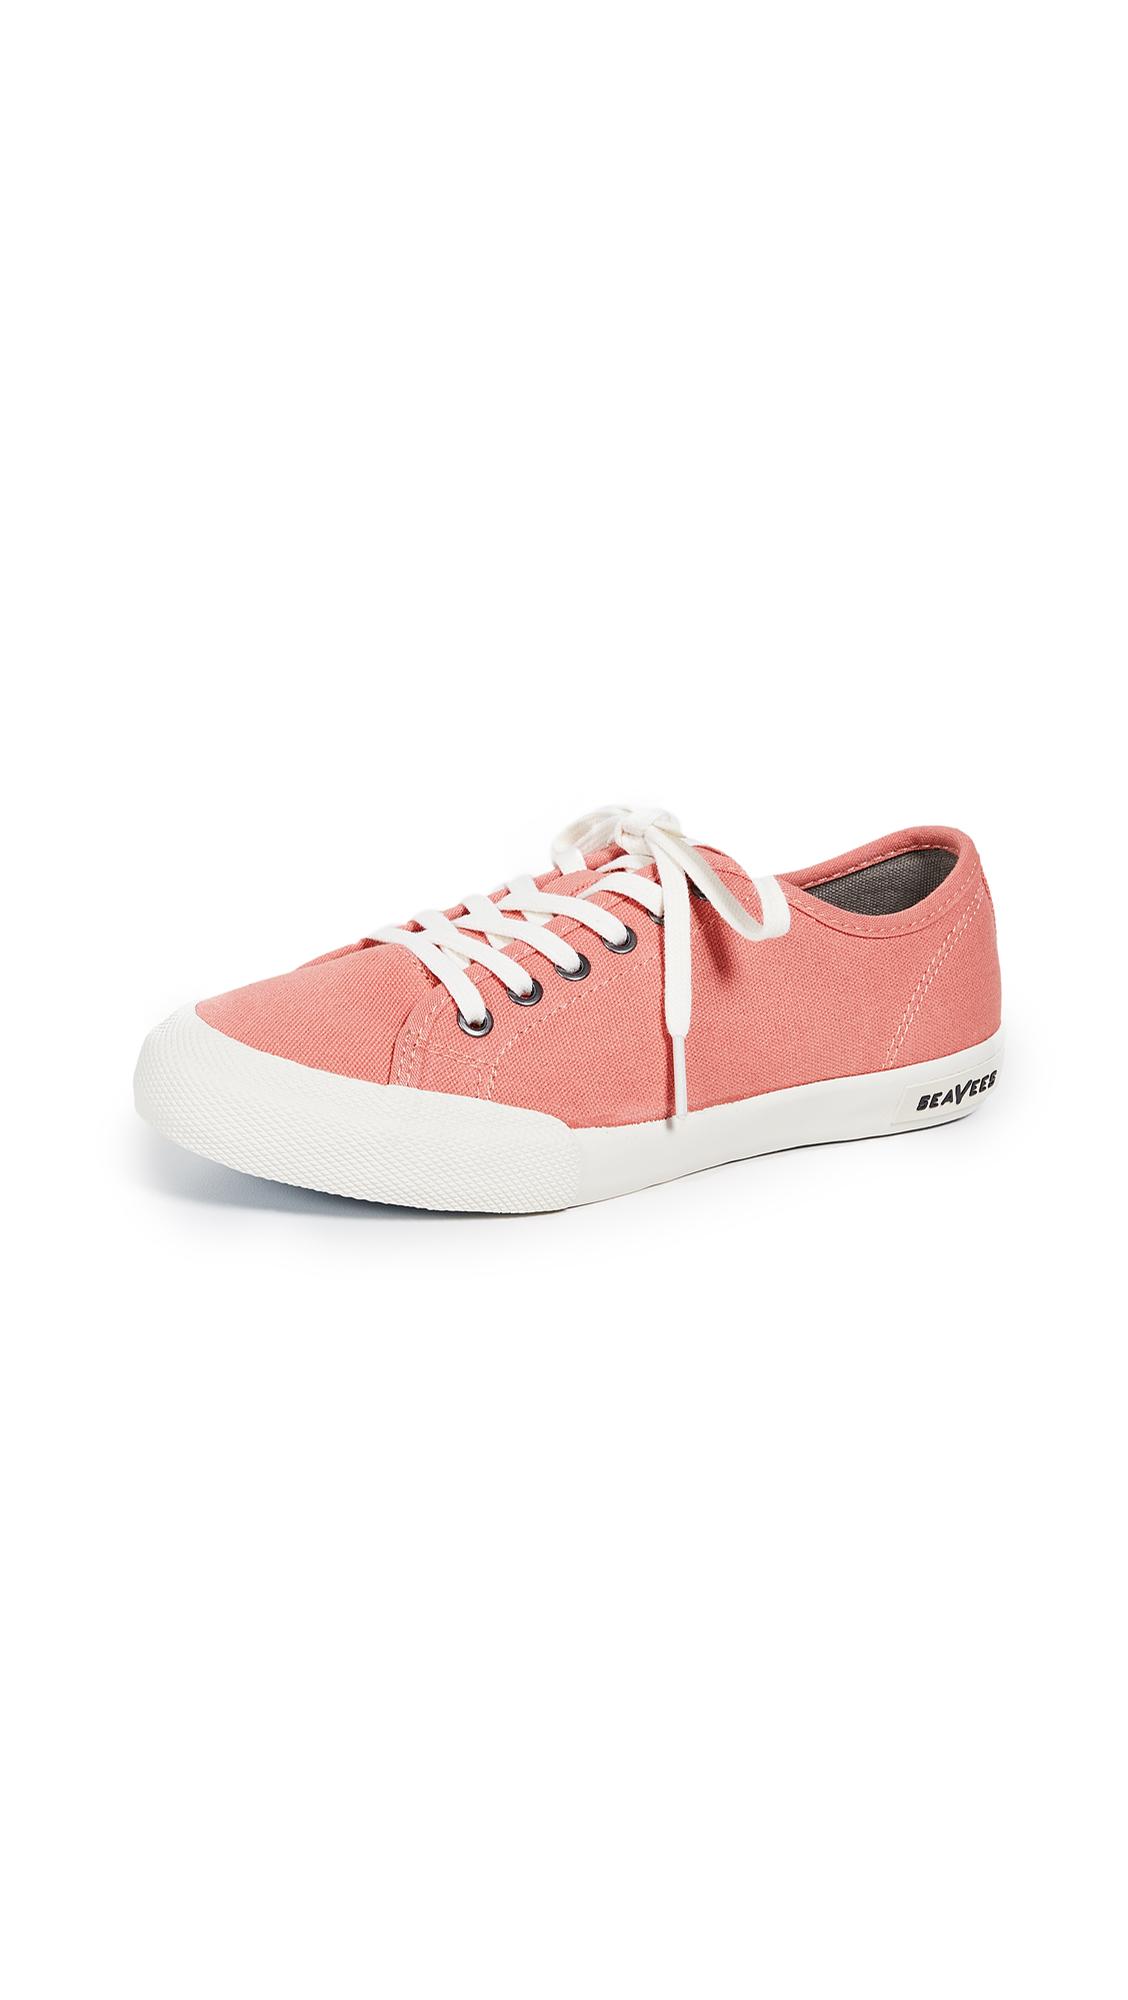 SeaVees Monterey Sneakers - Coral